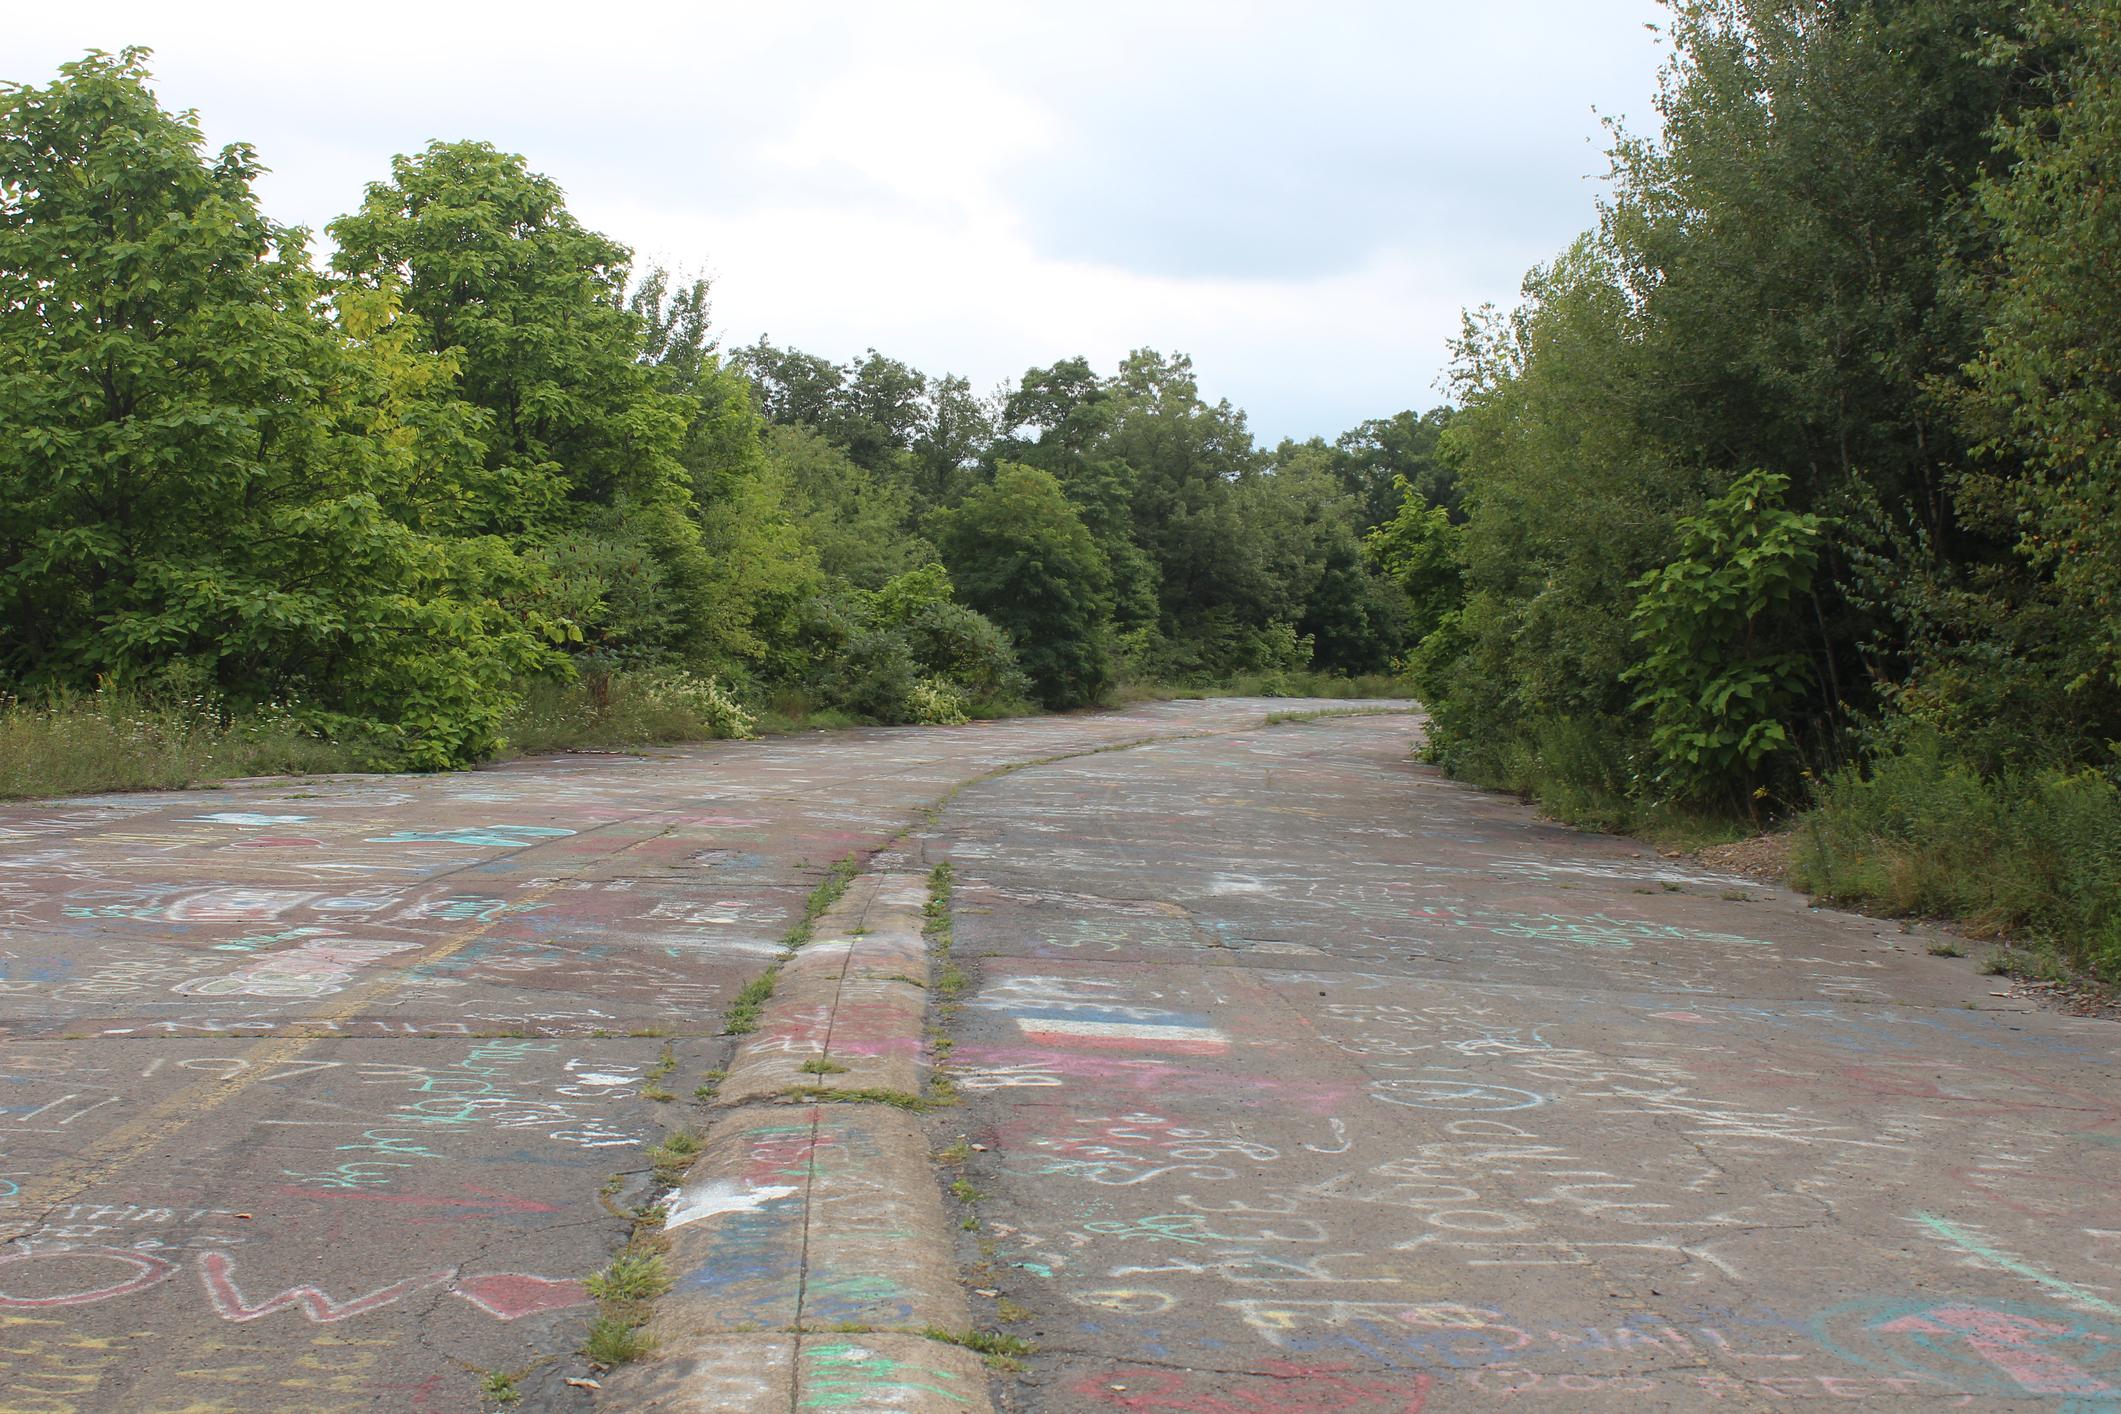 Сентралия, Пенсилвания - население 10 души. Повечето сгради там са изгорели през 1962 г. и на пръв поглед област сега изглежда като една поляна с няколко кръстосващи я улици, които обаче предлагат незабравимо изживяване на ръба на опасността.